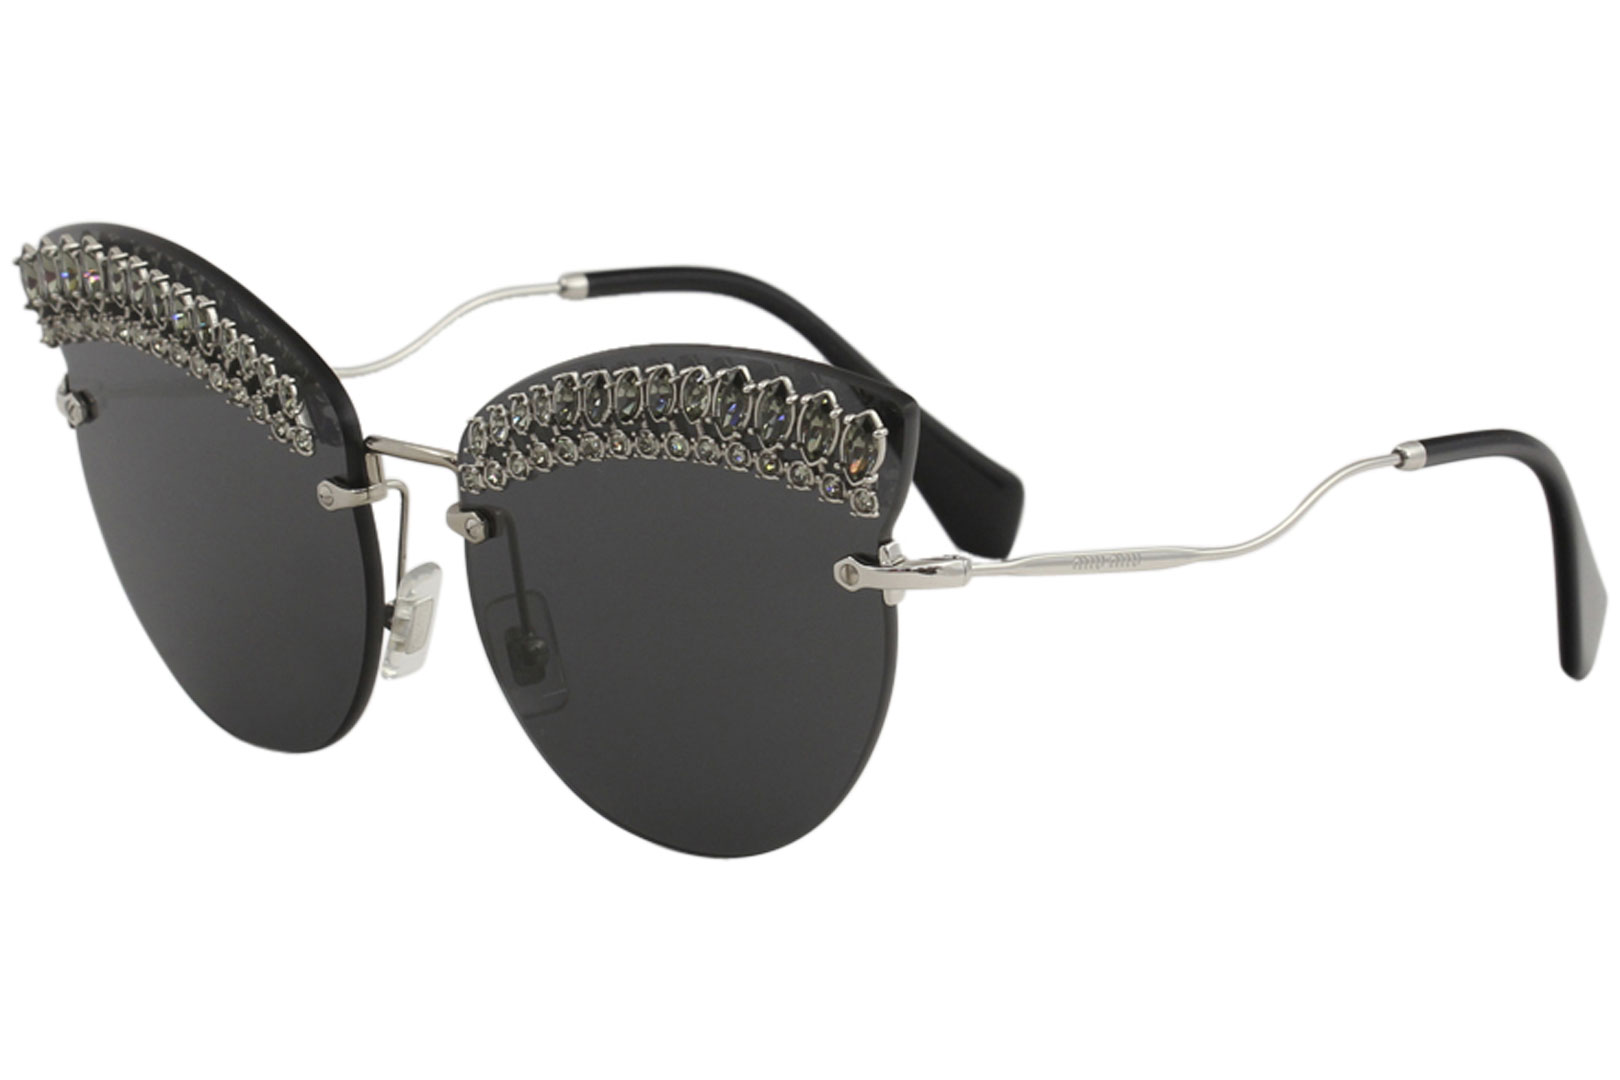 09d390d055f Miu Miu Women s SMU58T SMU 58T MPG 5S0 Silver Fashion Cat Eye ...